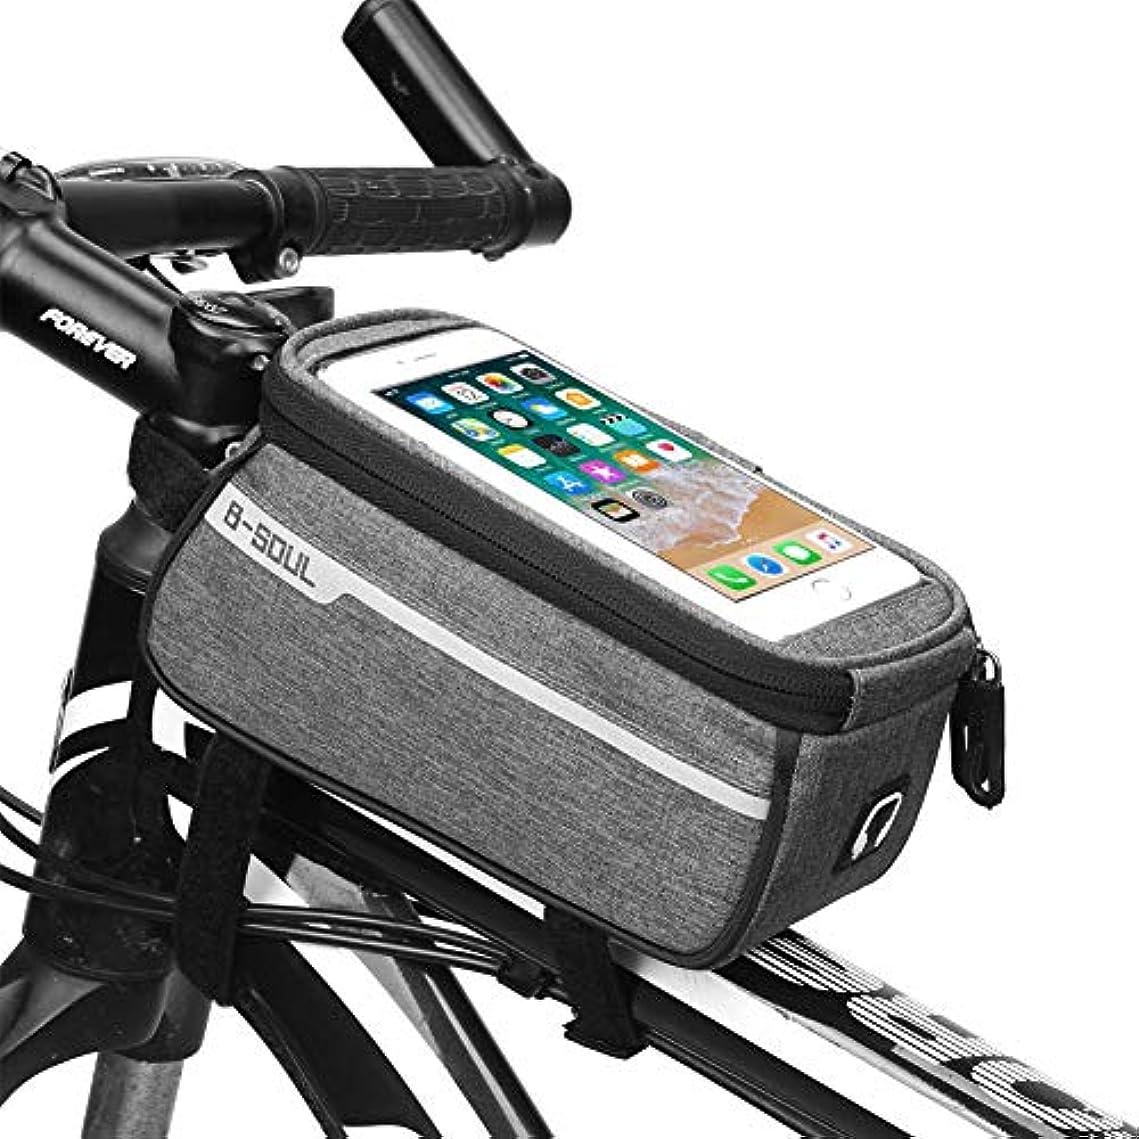 復活重量ワゴン自転車乗りチューブバッグマウンテンバイクロードバイク防水携帯電話タッチスクリーンバッグ防水と耐摩耗性、6インチの乗馬機器-grey